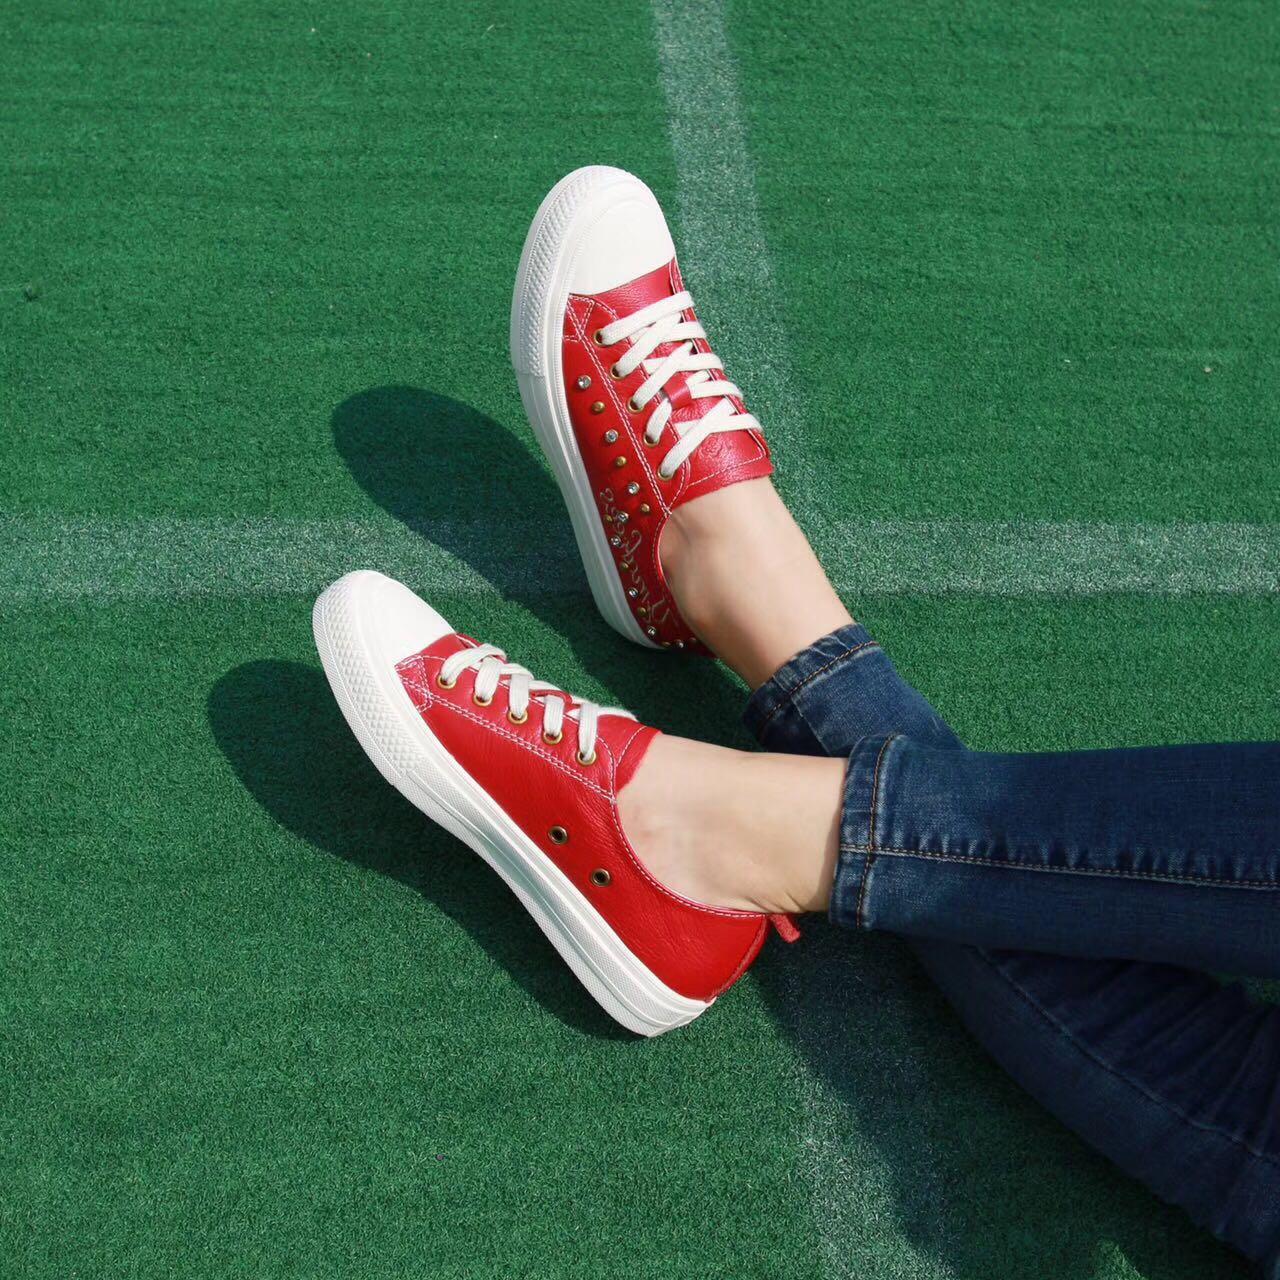 702-5尾货处理IG圆头系带平底鞋休闲鞋水钻铆钉装饰绣花女鞋板鞋